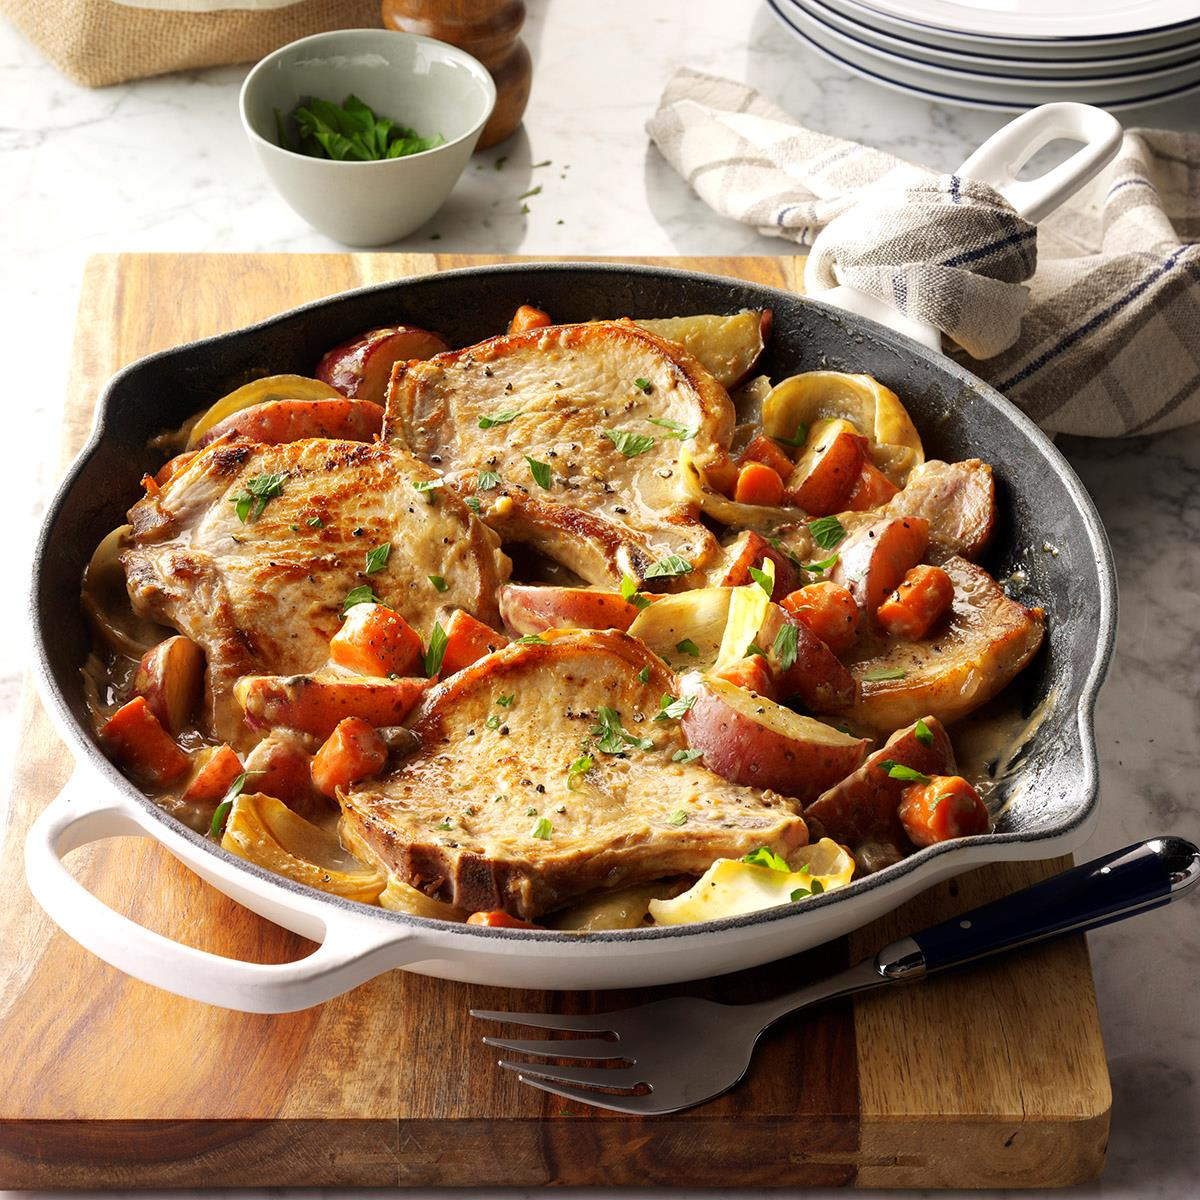 любви рецепты для ужина по домашнему с фото победы радостный праздник